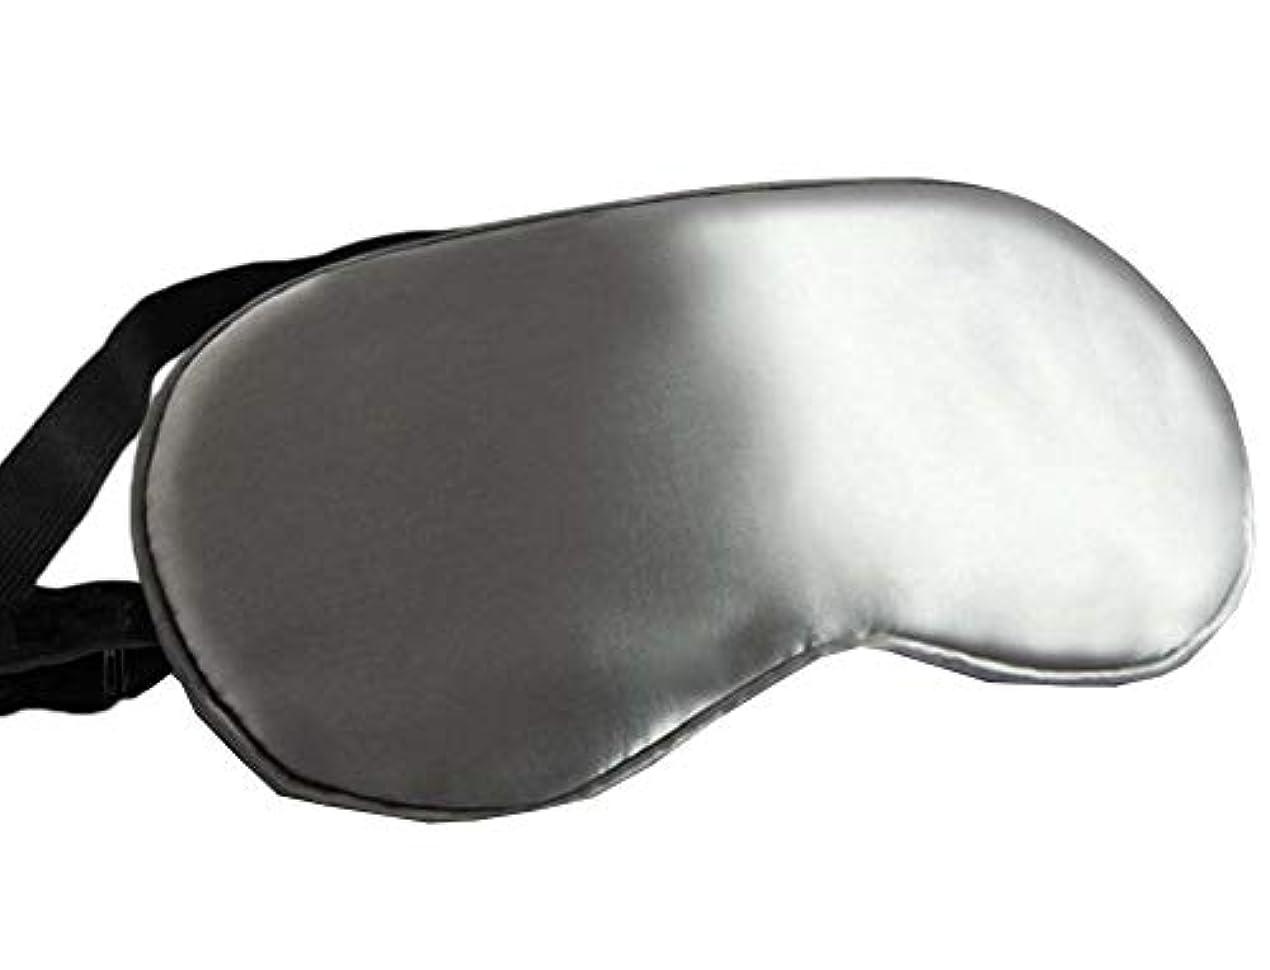 構造的聴覚障害者良心的シルクスリープアイマスク旅行とシフトワークとナップのための - 08